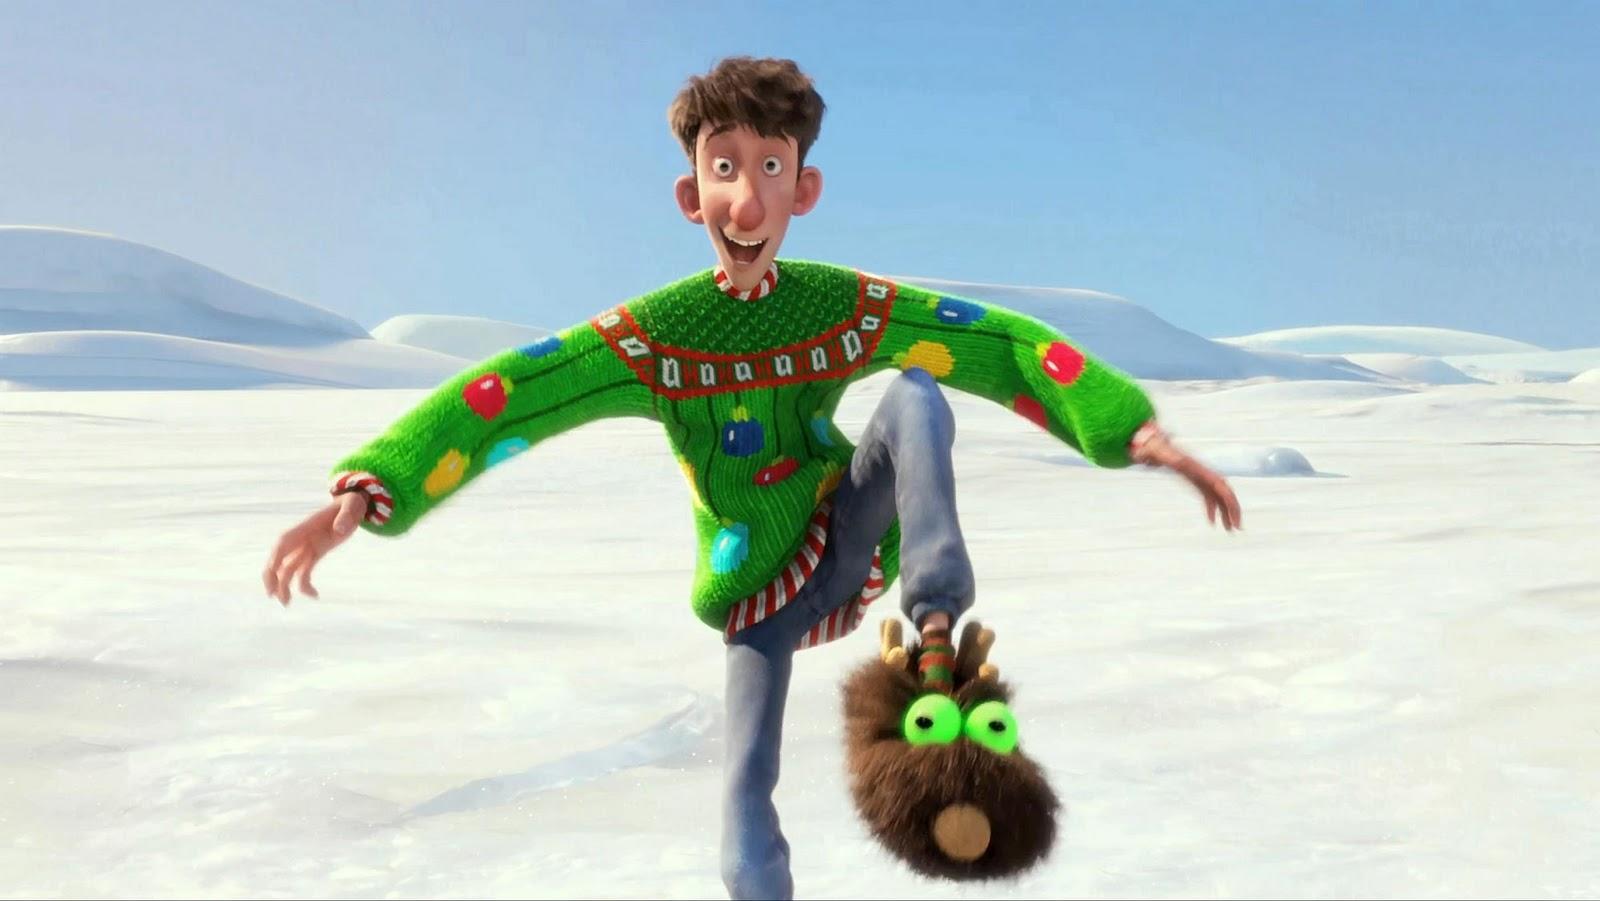 http://3.bp.blogspot.com/-u8N4SkbfCxw/TtgB9UbvEXI/AAAAAAAAAuk/1InLow7qZGU/s1600/Arthur+Christmas.jpg